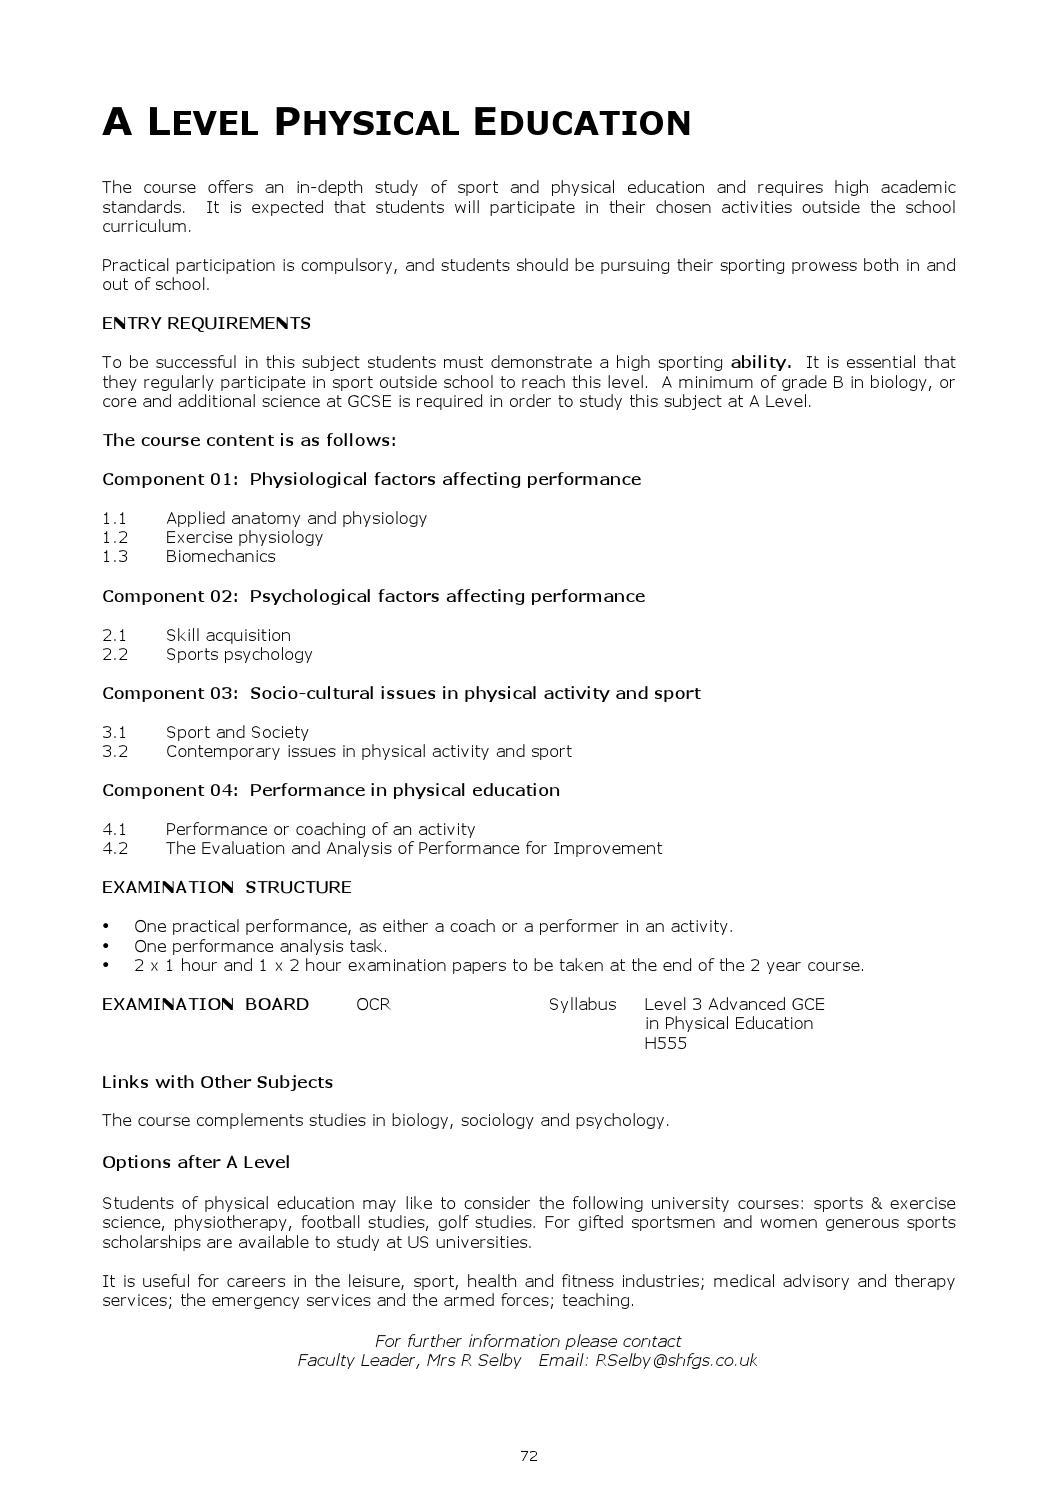 Sir Henry Floyd Grammar School Sixth Form Prospectus by FSE